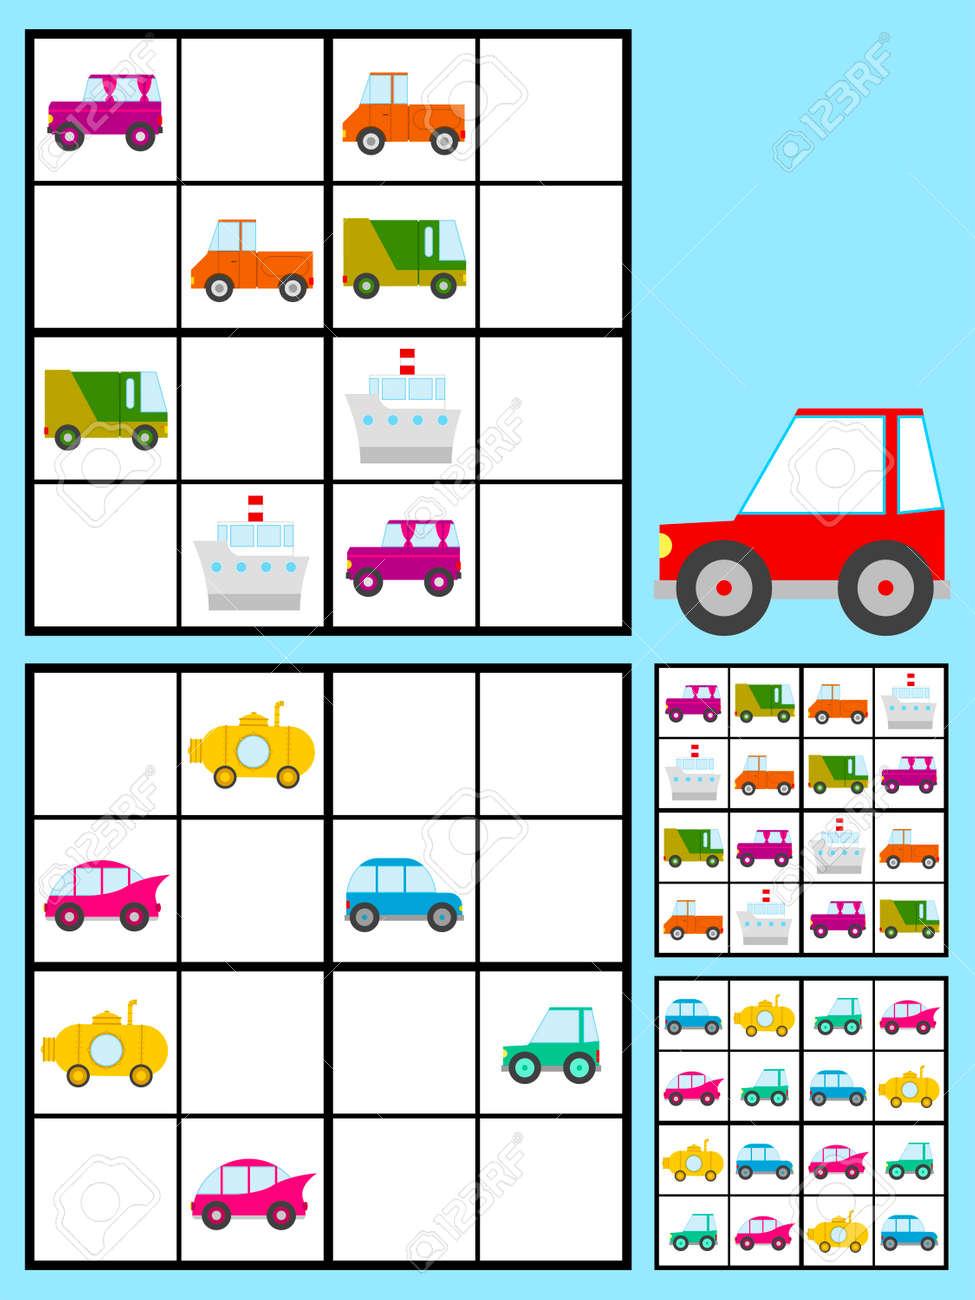 esquina infancia Recomendado  Juego Recreativo Para Los Niños Con Un Rompecabezas Sudoku Con Coches De  Colores Automóviles Para Rellenar La Cuadrícula En Dos Variaciones Con Las  Respuestas, Diseño Del Vector Ilustraciones Vectoriales, Clip Art  Vectorizado